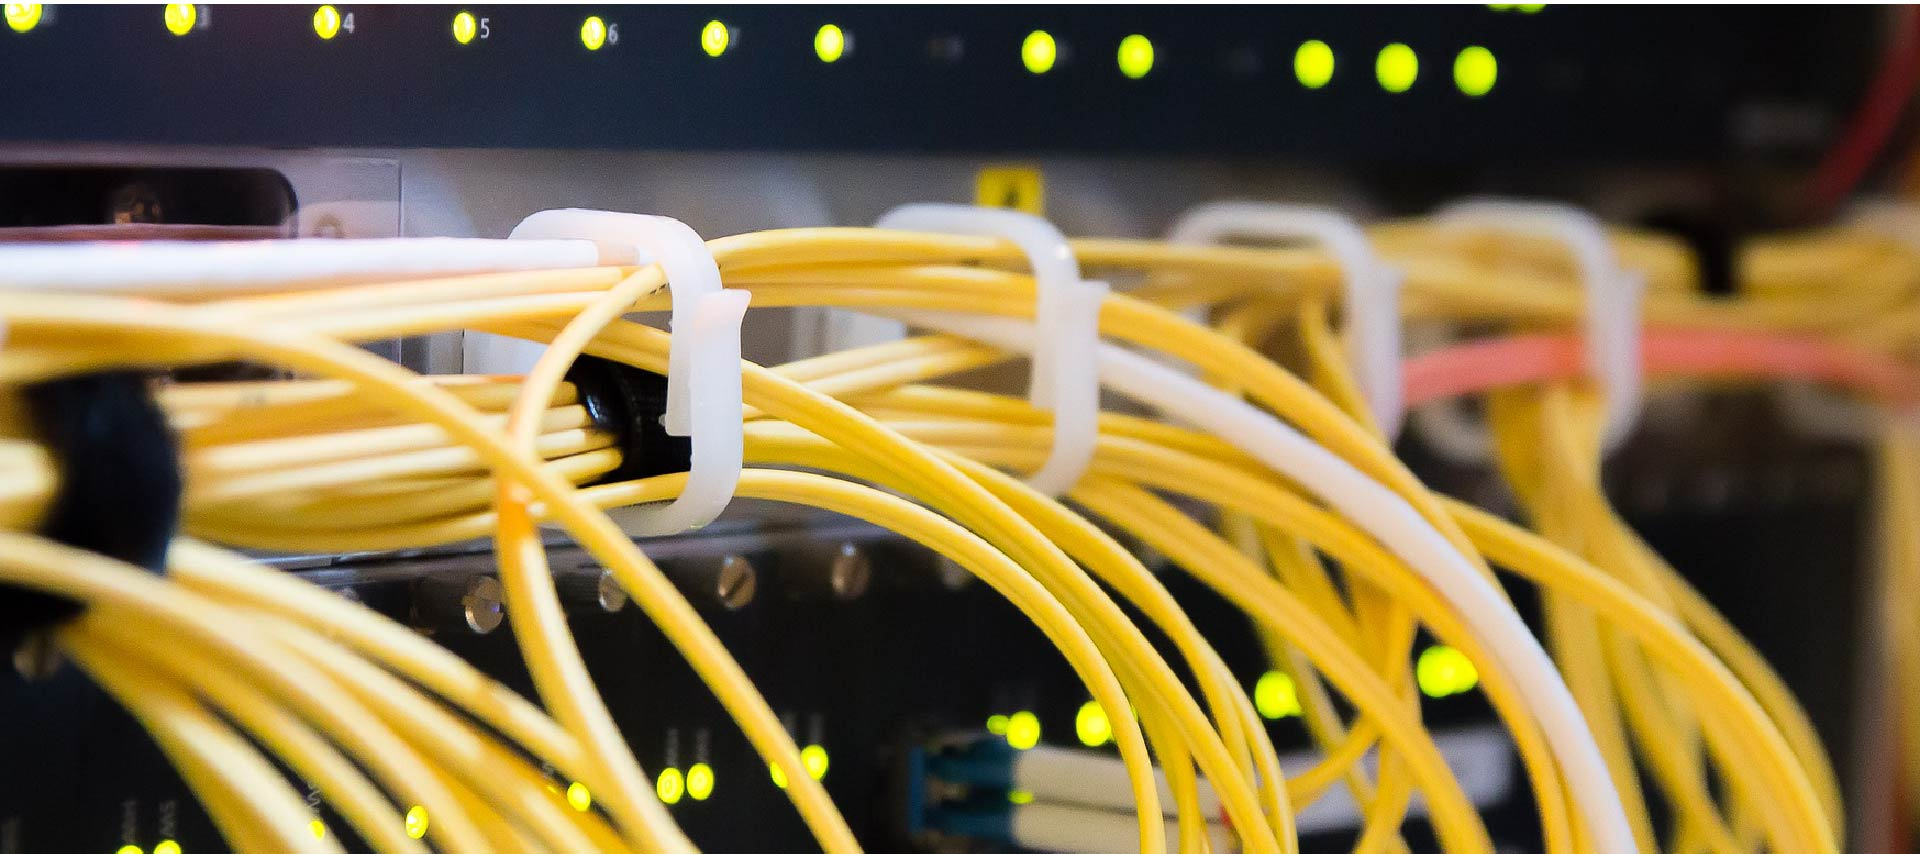 Managed Service – Server